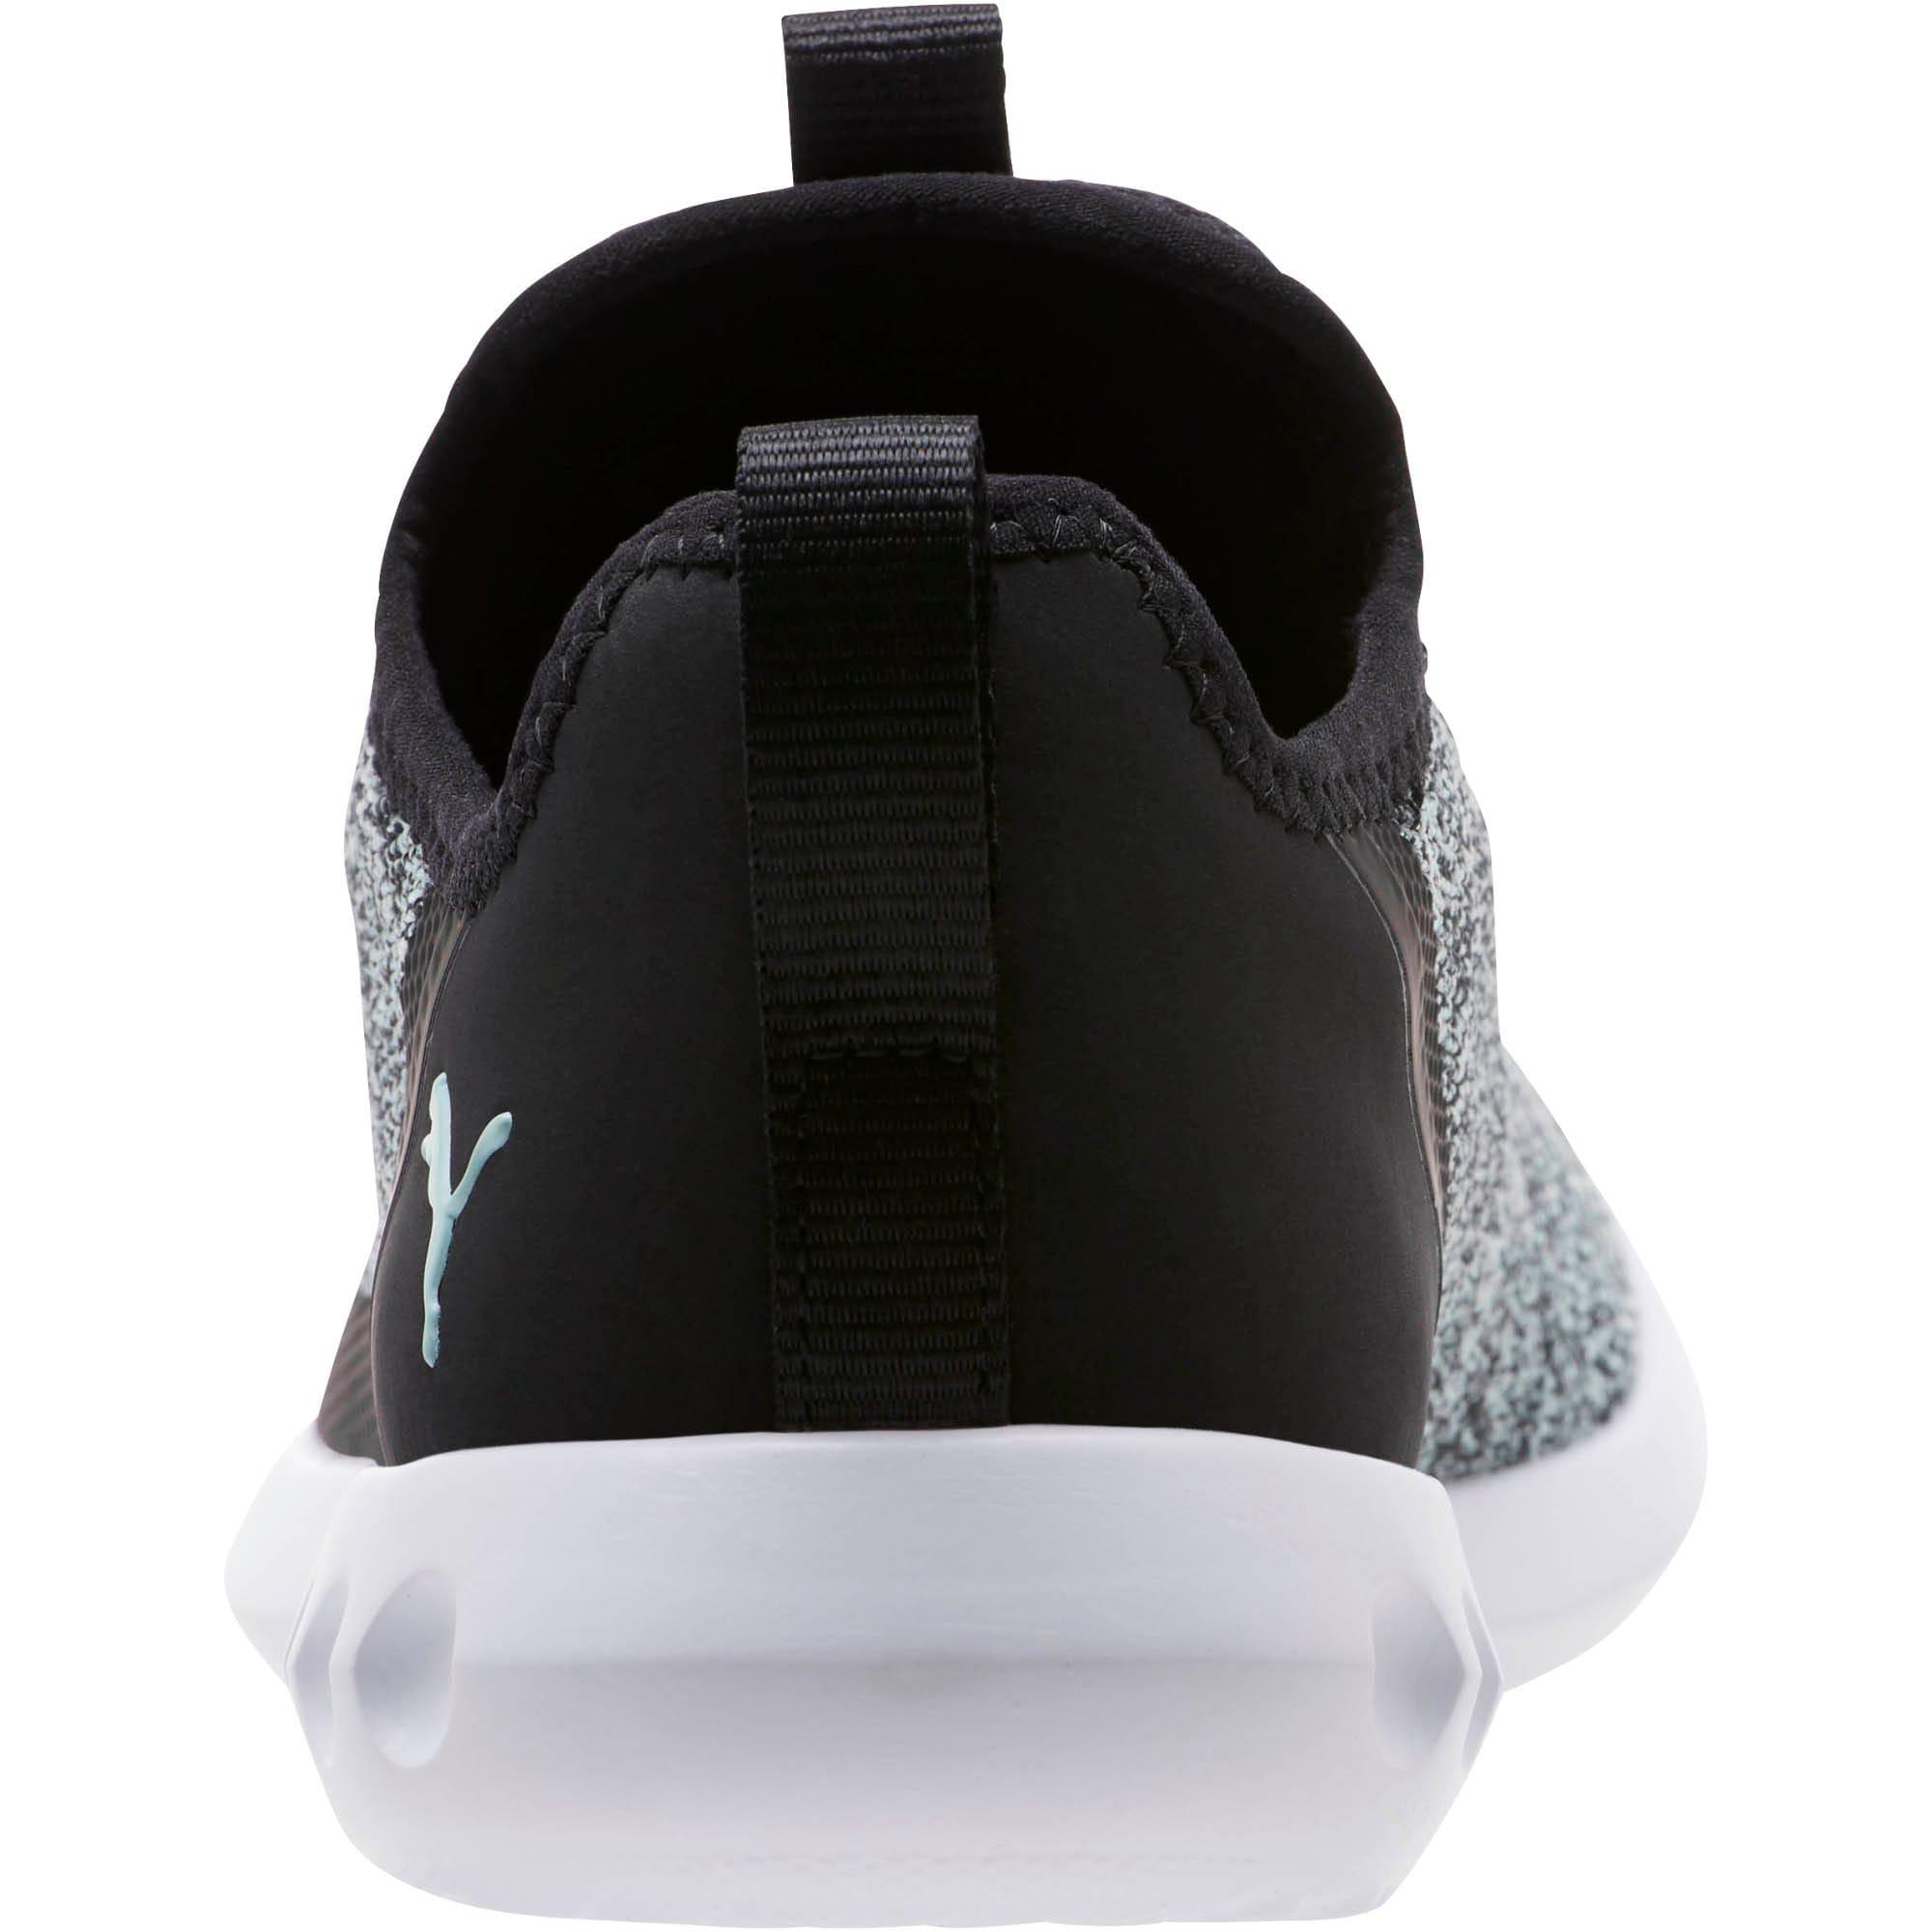 Thumbnail 4 of Carson 2 X Knit Women's Running Shoes, Puma Black-Fair Aqua, medium